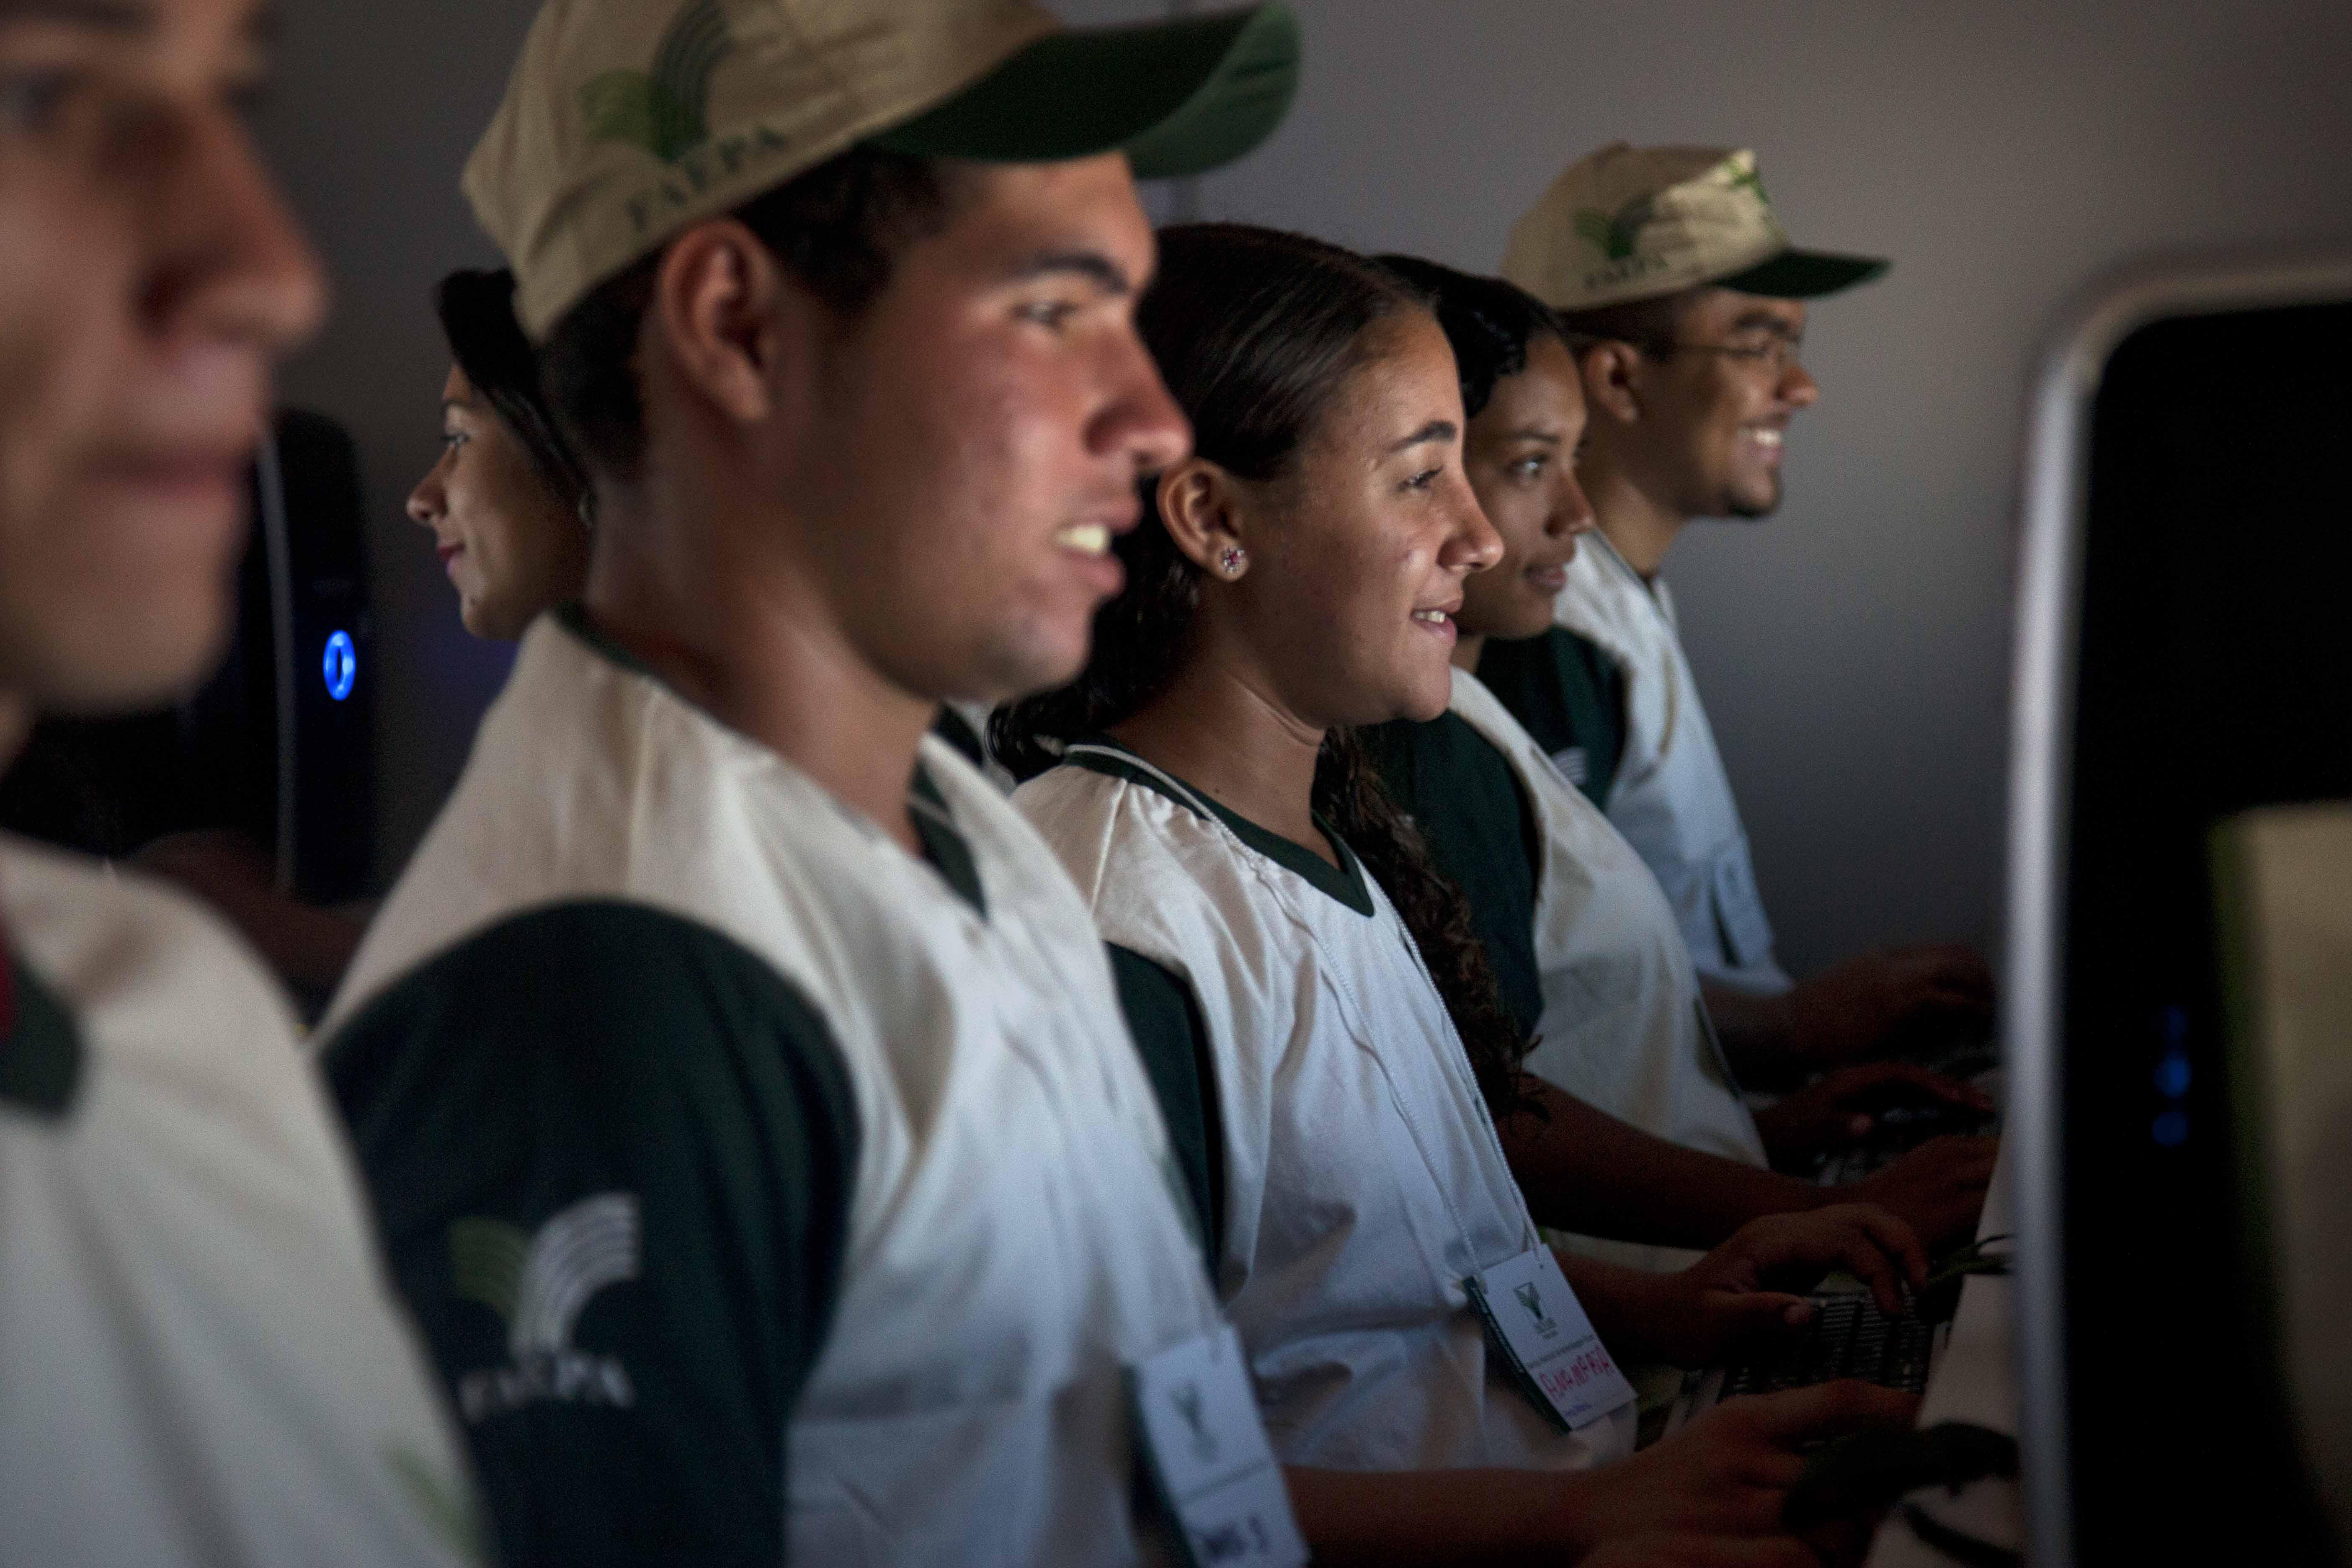 Turma de inclução digital, Sindicato dos produtores ruais de Alagoa Grande PB_15